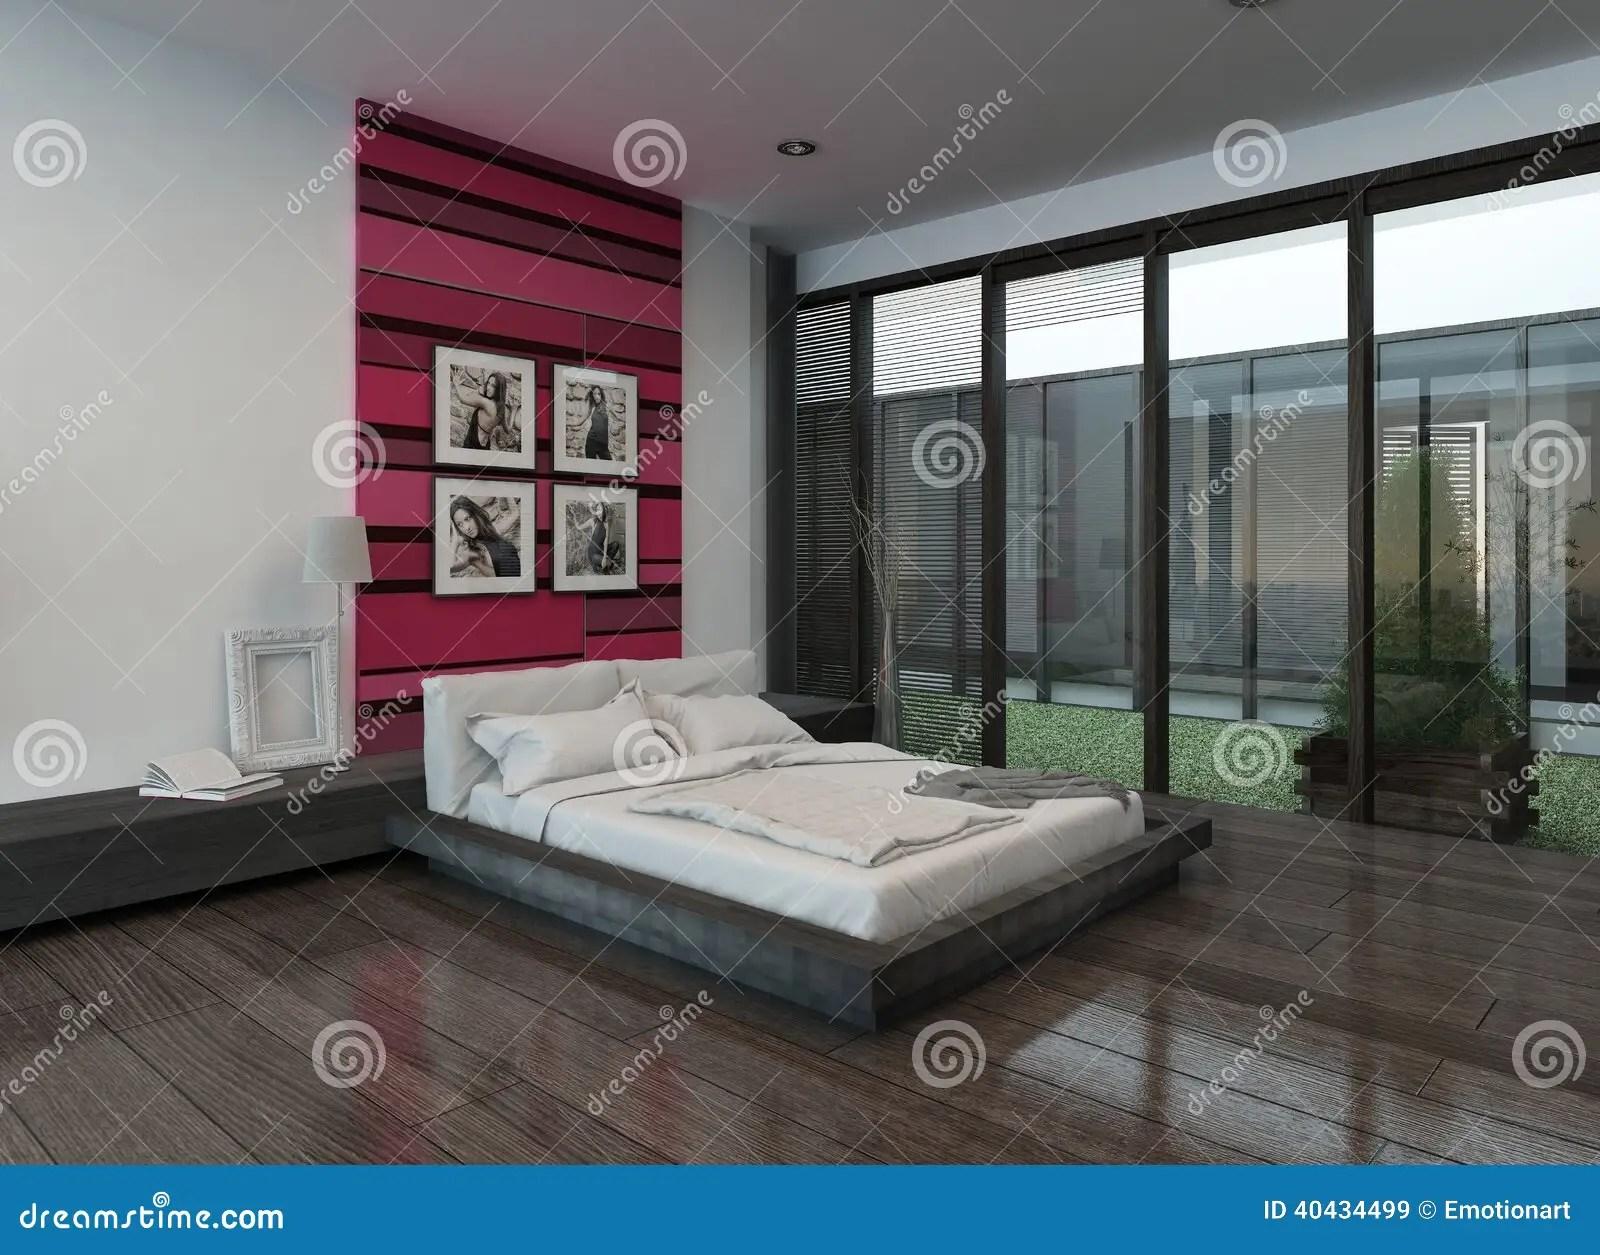 Parete Camera Da Letto Rossa : Gli bella camera da letto grigia e rossa u the city